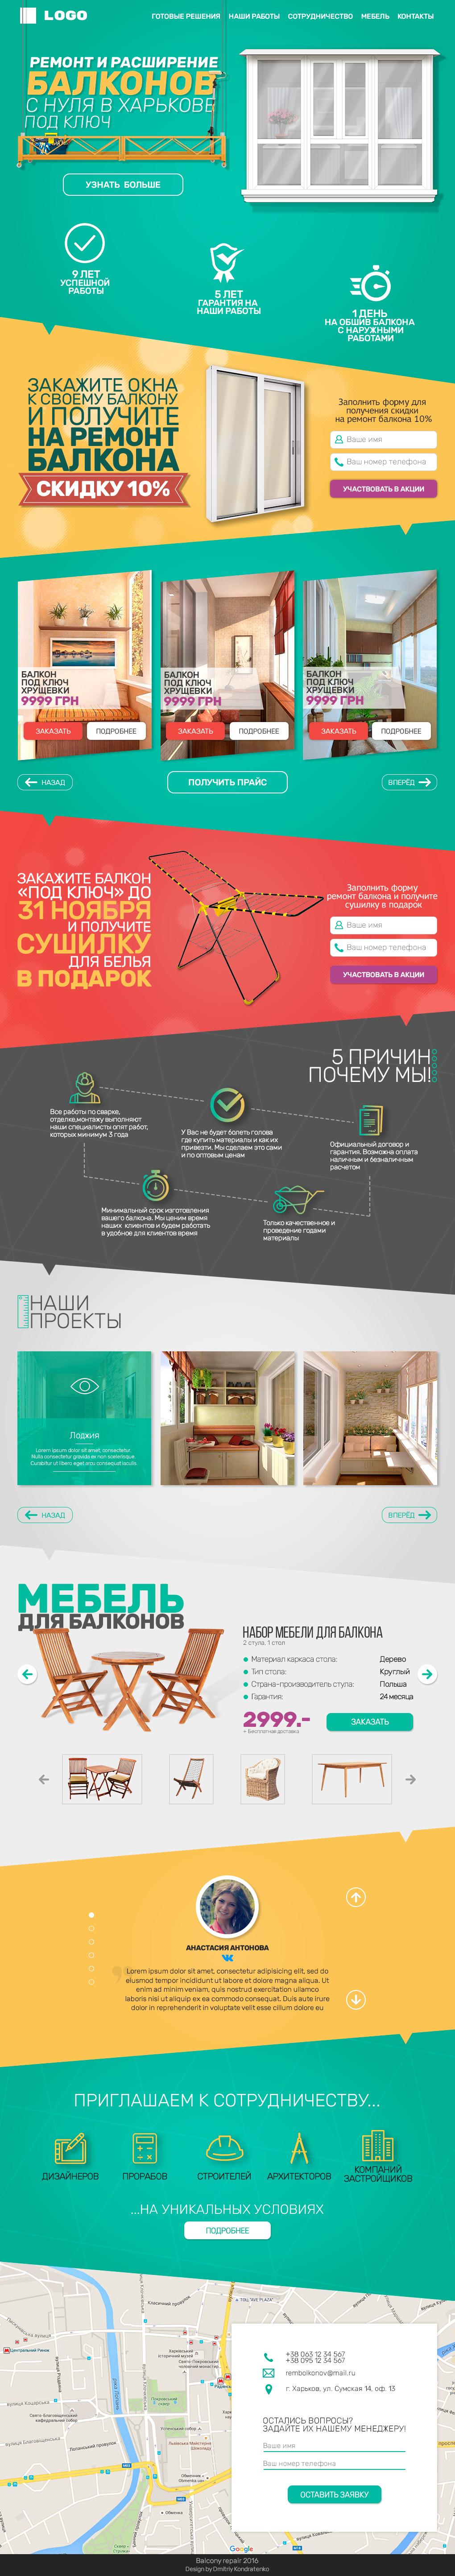 адрес телефон, шаблоны лендингов веб студии Новосибирска Королева